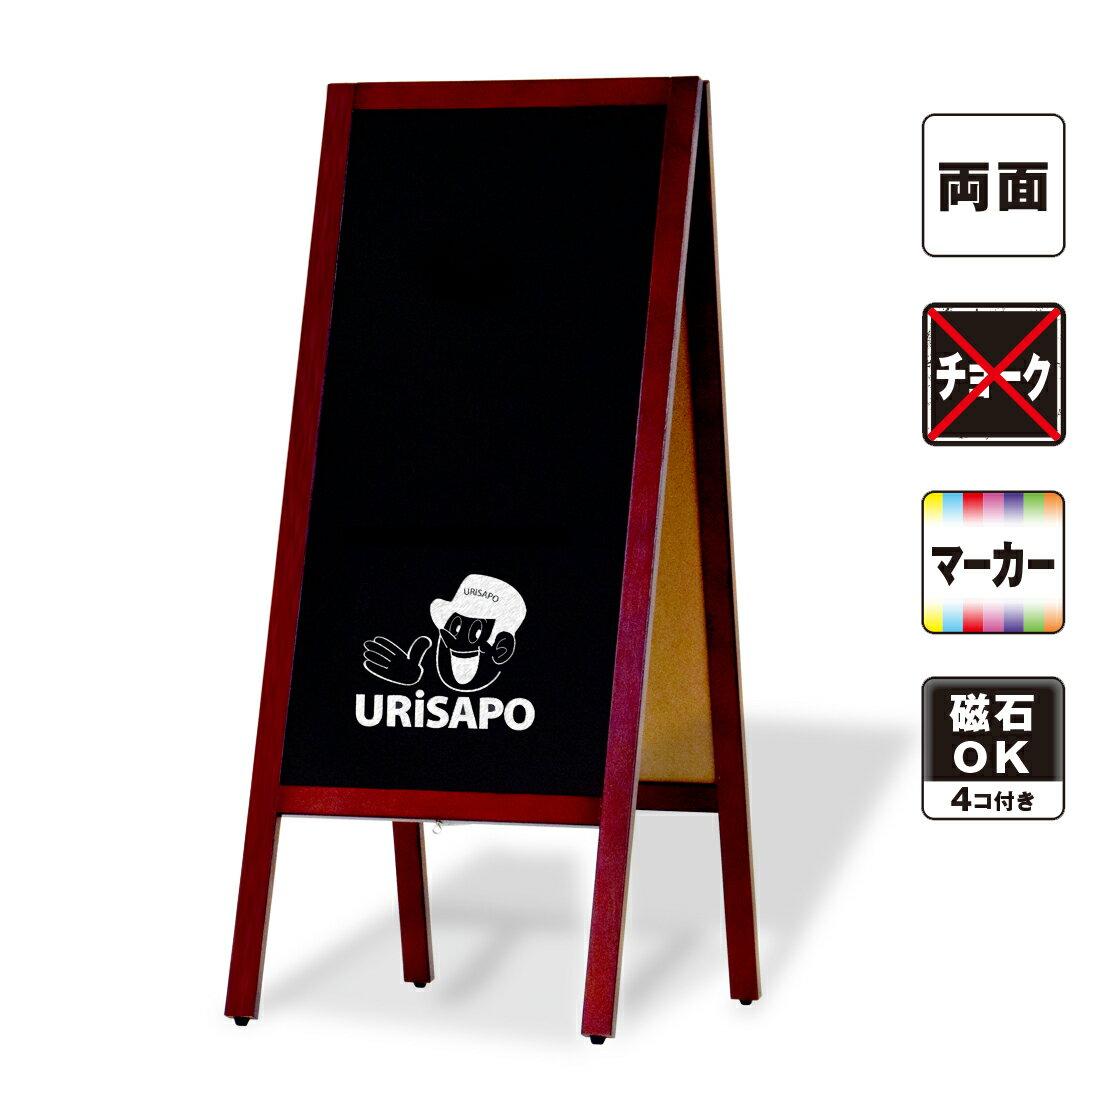 A型看板ブラックボード110LTマーカー磁石(磁石4個付)黒板看板、マグネット インテリア ディスプレイ 送料無料